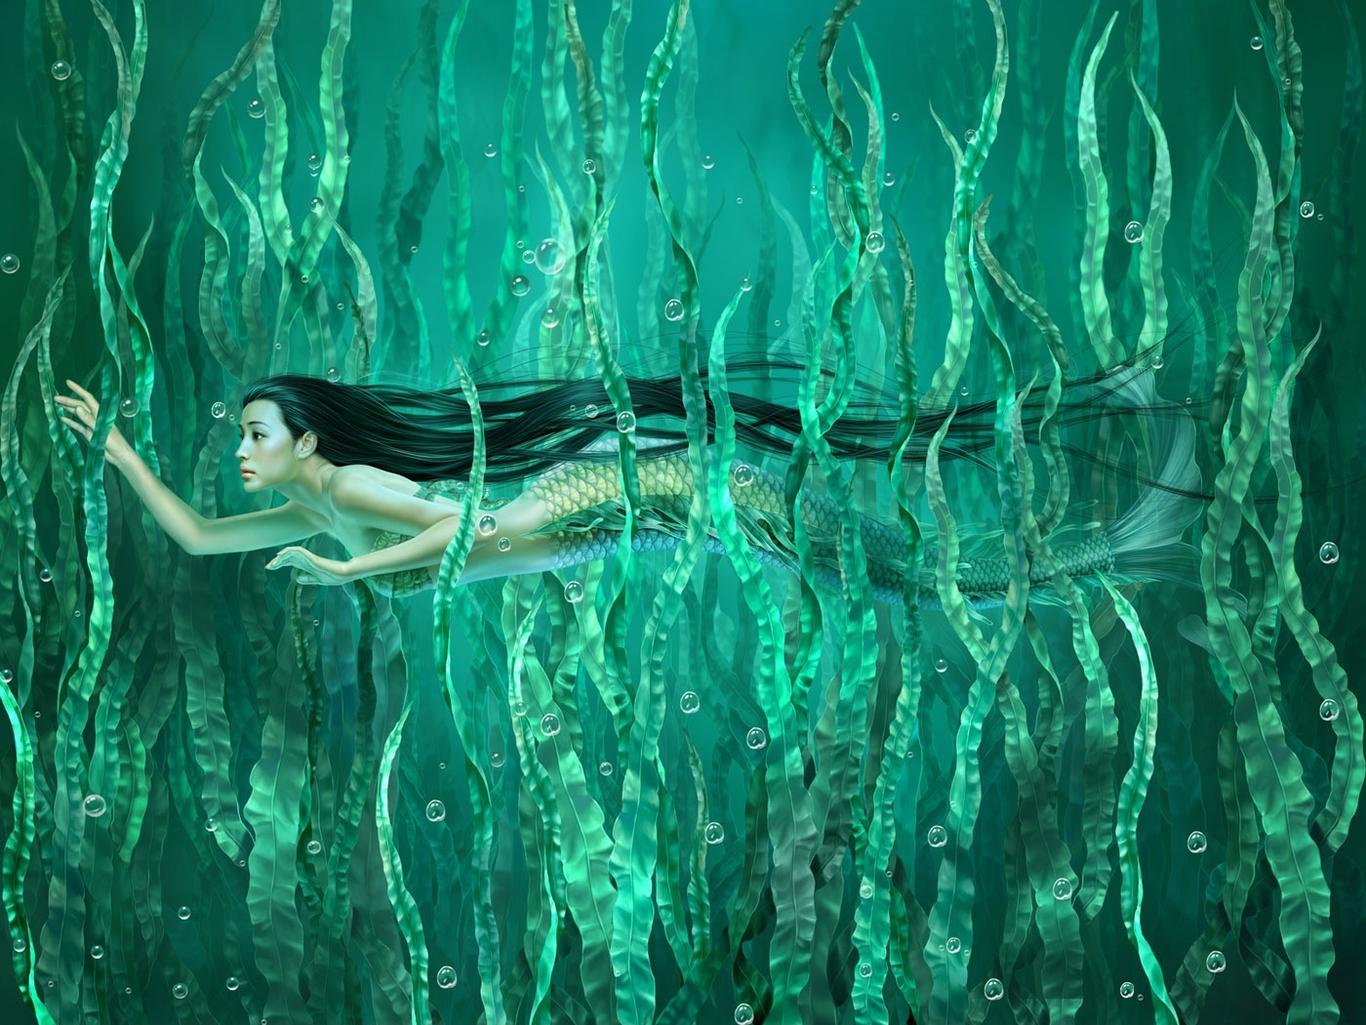 Sztyh mermaid 1 18ad6f54 gmkc